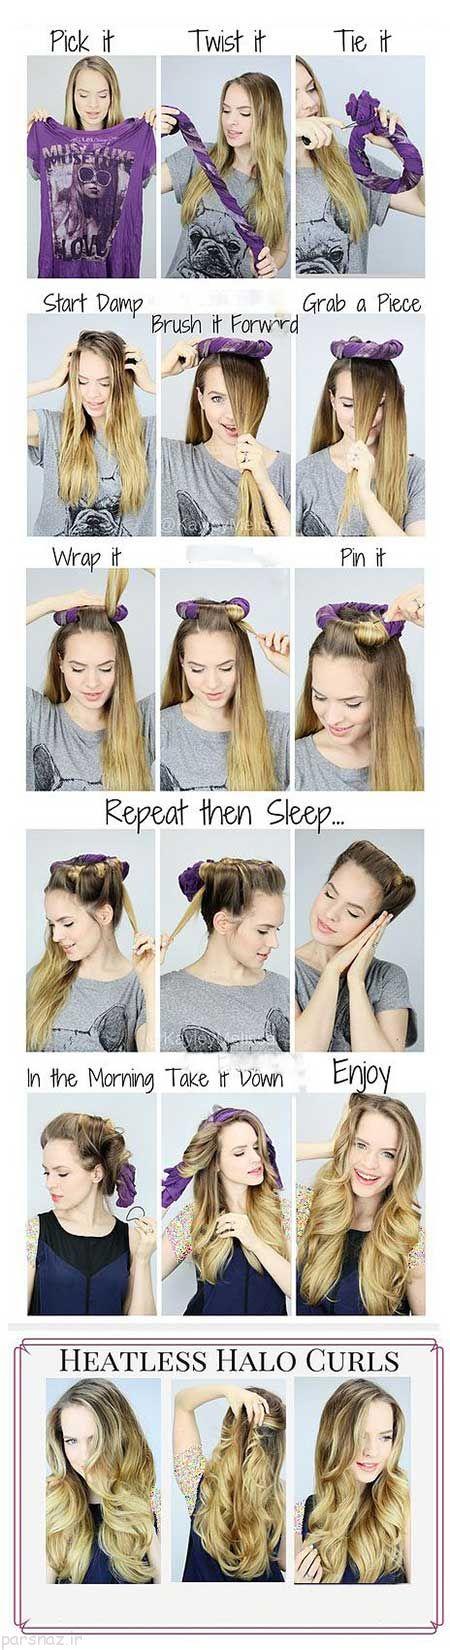 موهای صاف خود را با این روش ساده در منزل فر کنید